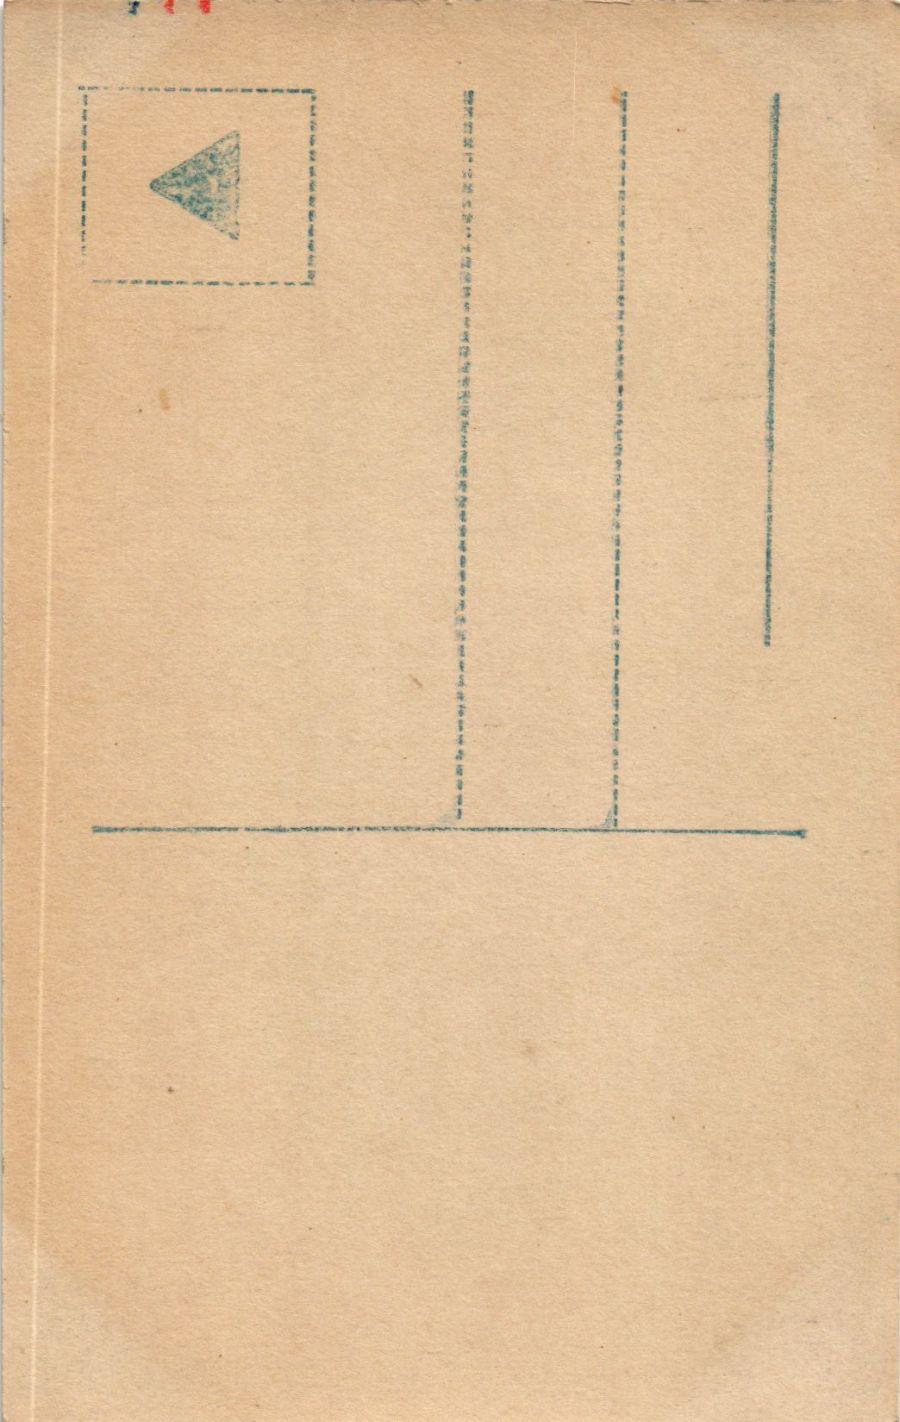 CPA-AK-Prinzessin-August-Wilhelm-v-Preussen-GERMAN-ROYALTY-867766 Indexbild 2